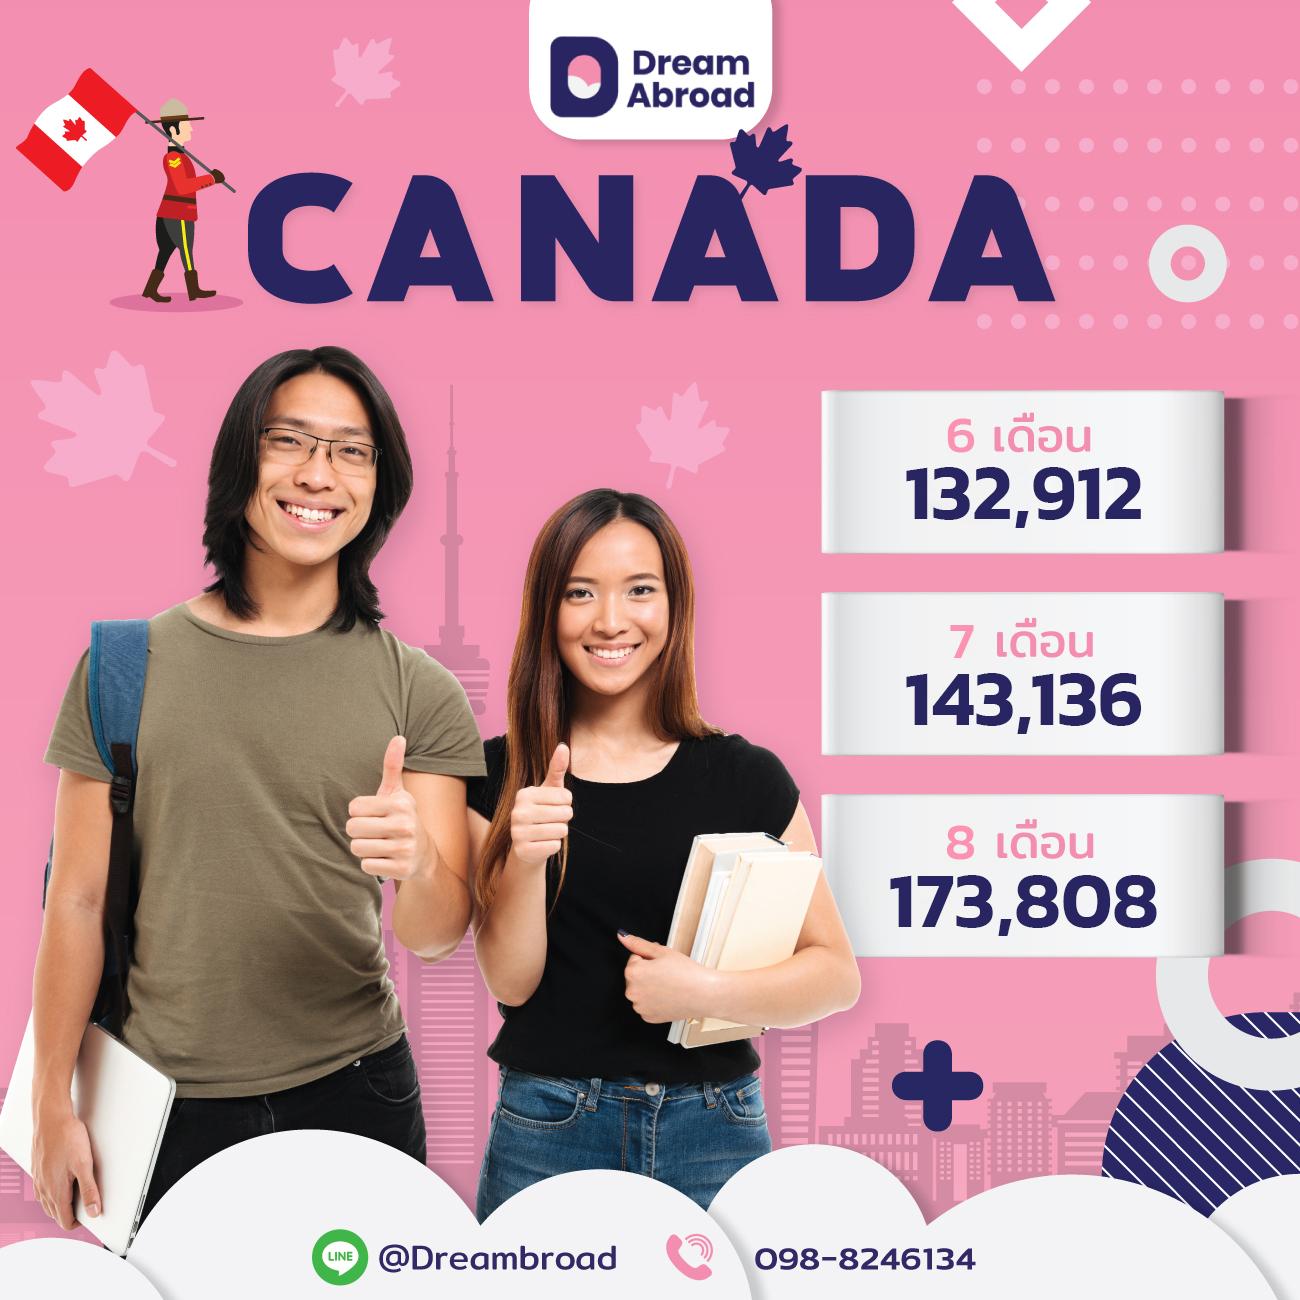 เรียนภาษาที่แคนาดา, เรียนต่อที่แคนาดา